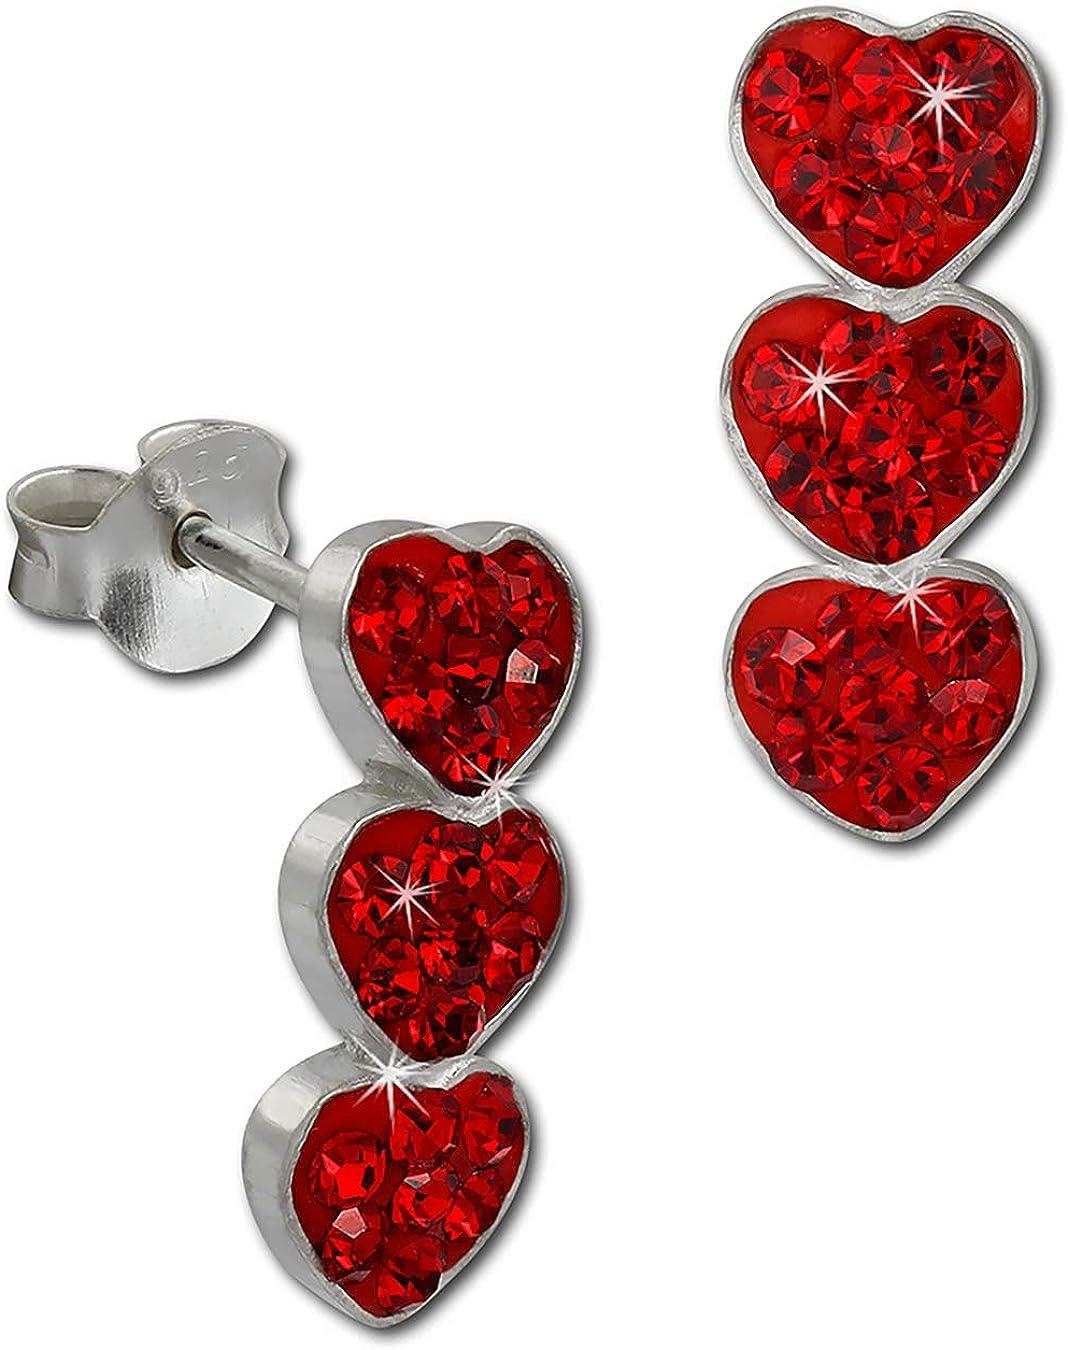 SilberDream Preciosa Checa cristales brillante Stud Pendientes Plata de Ley 925Tres Corazones con rojo pendientes para mujer GSO606R